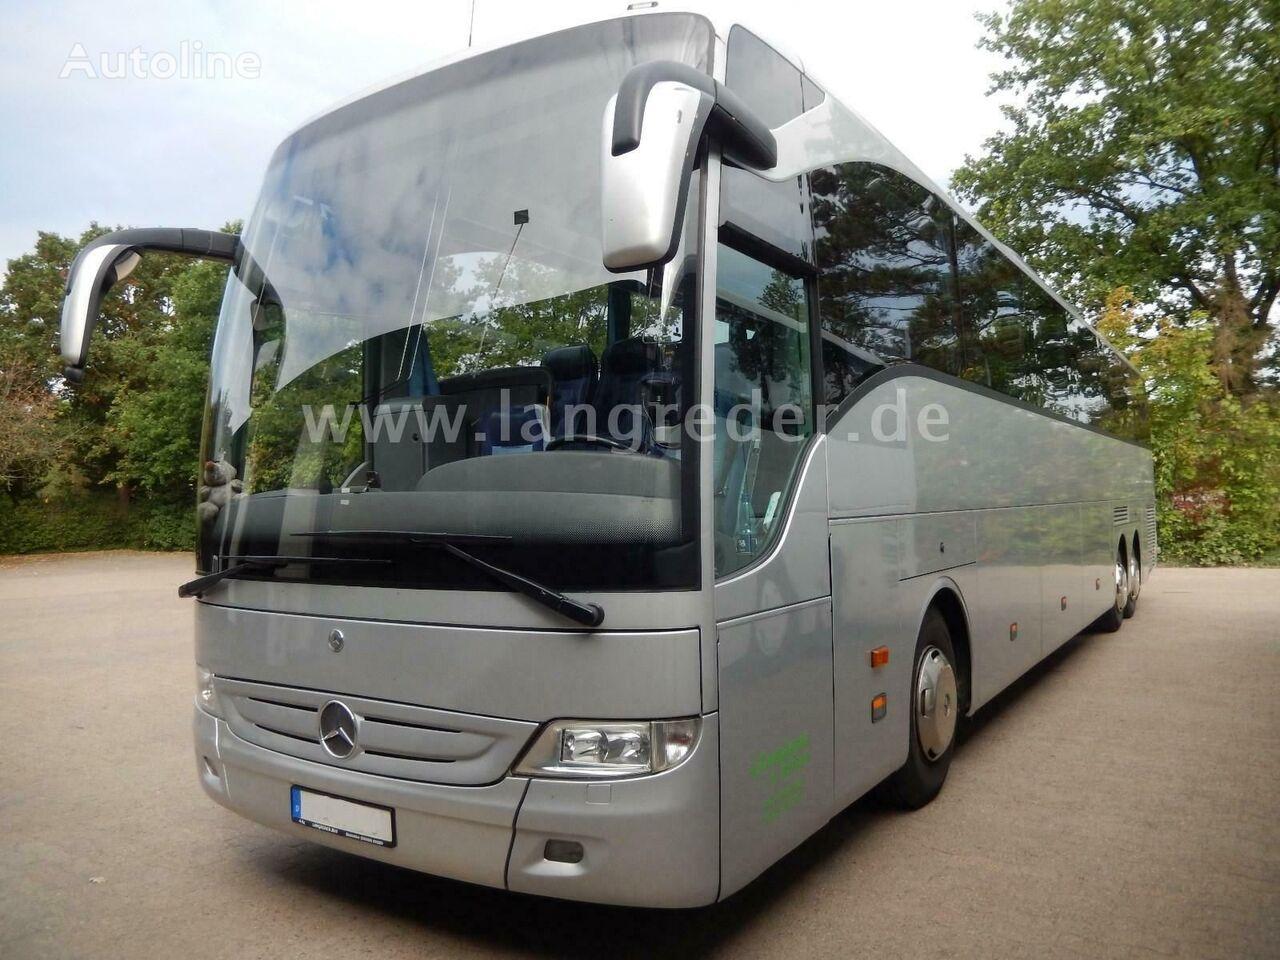 verkauf von mercedes benz tourismo rhd l reisebusse aus deutschland reisebus kaufen tp3579. Black Bedroom Furniture Sets. Home Design Ideas